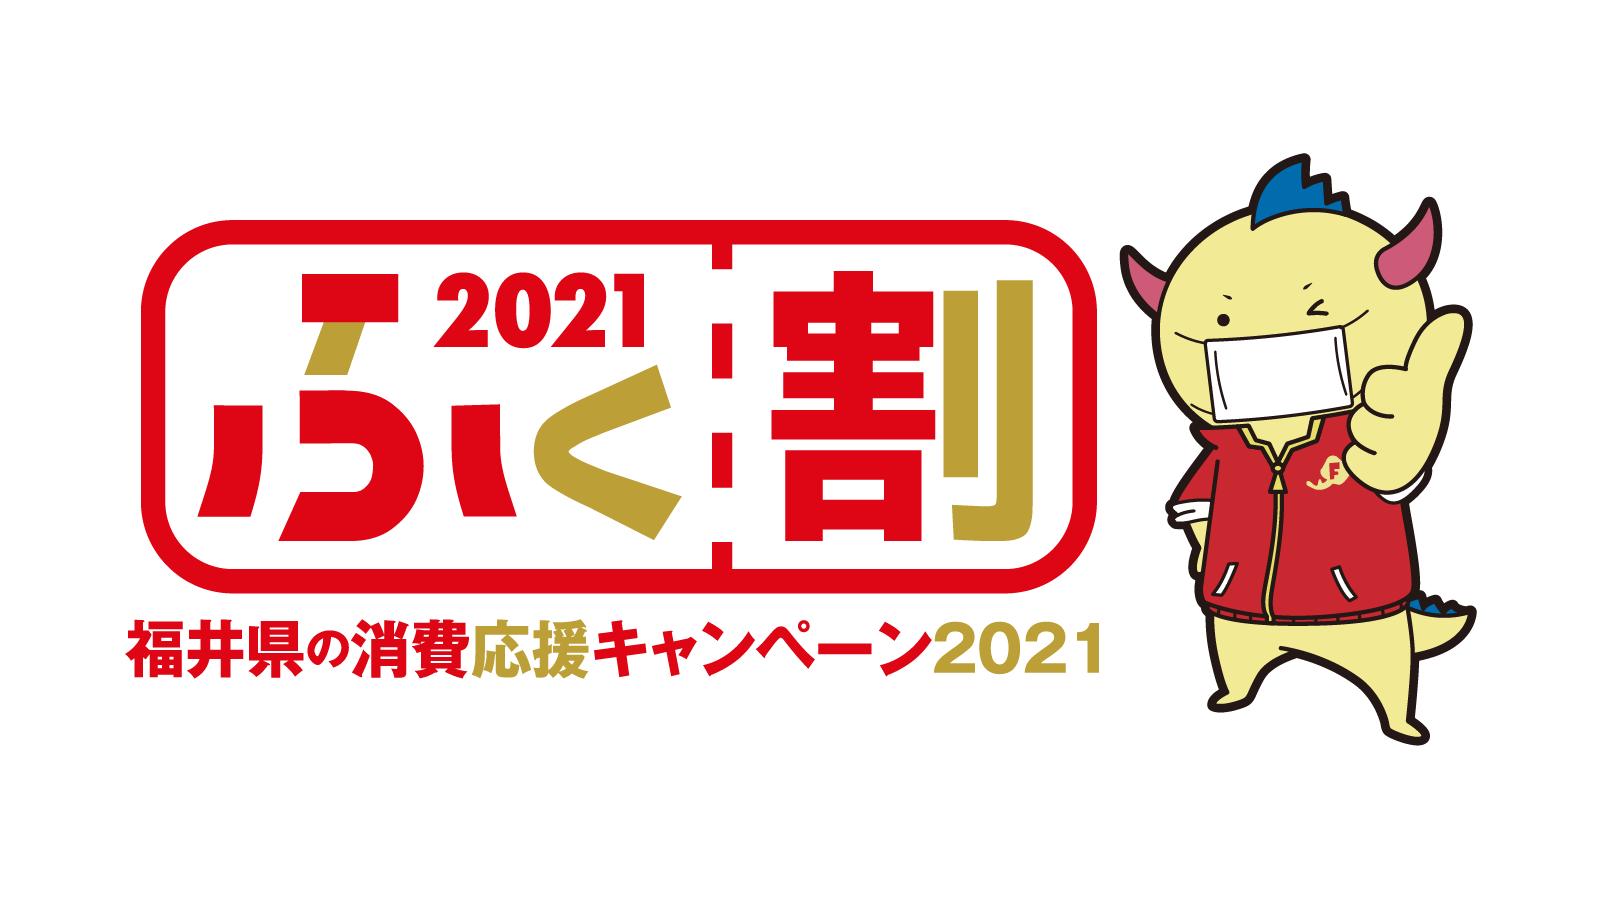 ふく割2021